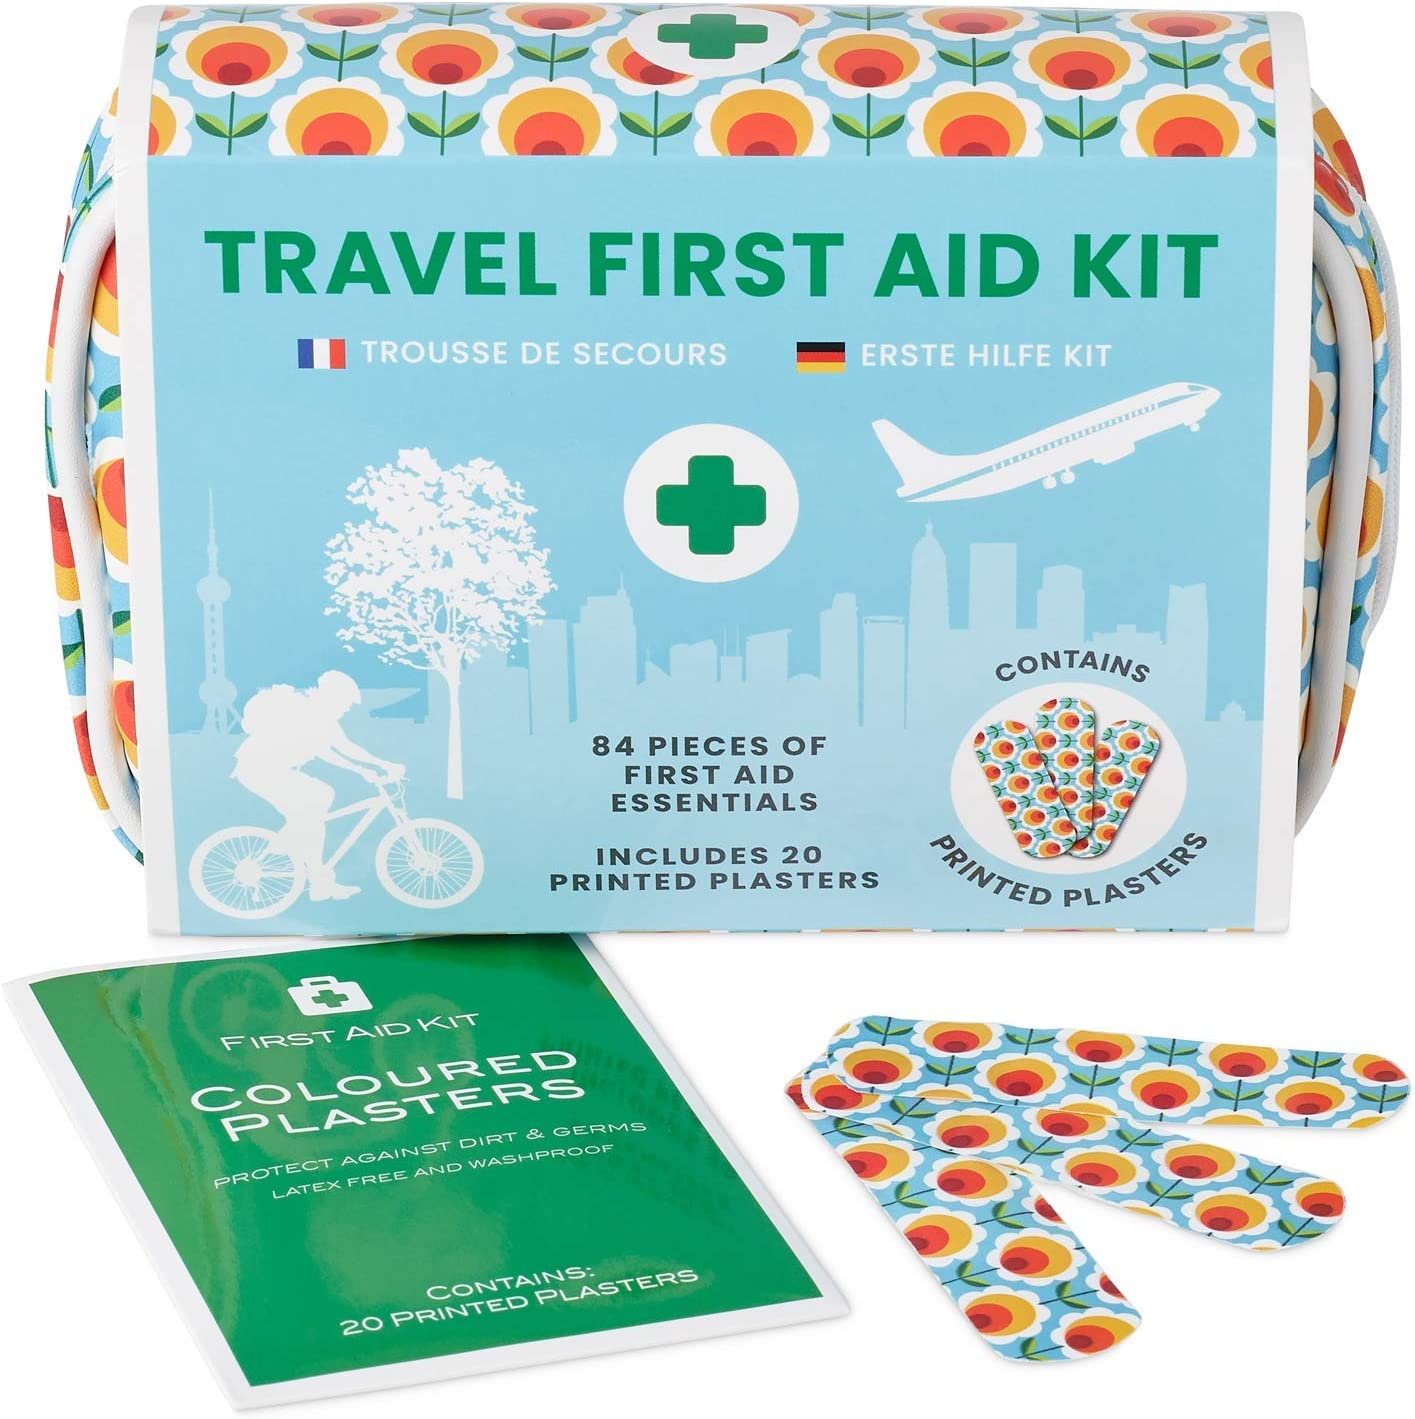 Kit De Primeros Auxilios Para Viajes Mini-Viaje. Incluye Tijeras, Gel de Quemaduras, yeso Impermeable, Guantes Médicos, Toallitas Antisépticas y Cinta Quirúrgica. Para el Hogar 100% Vegano